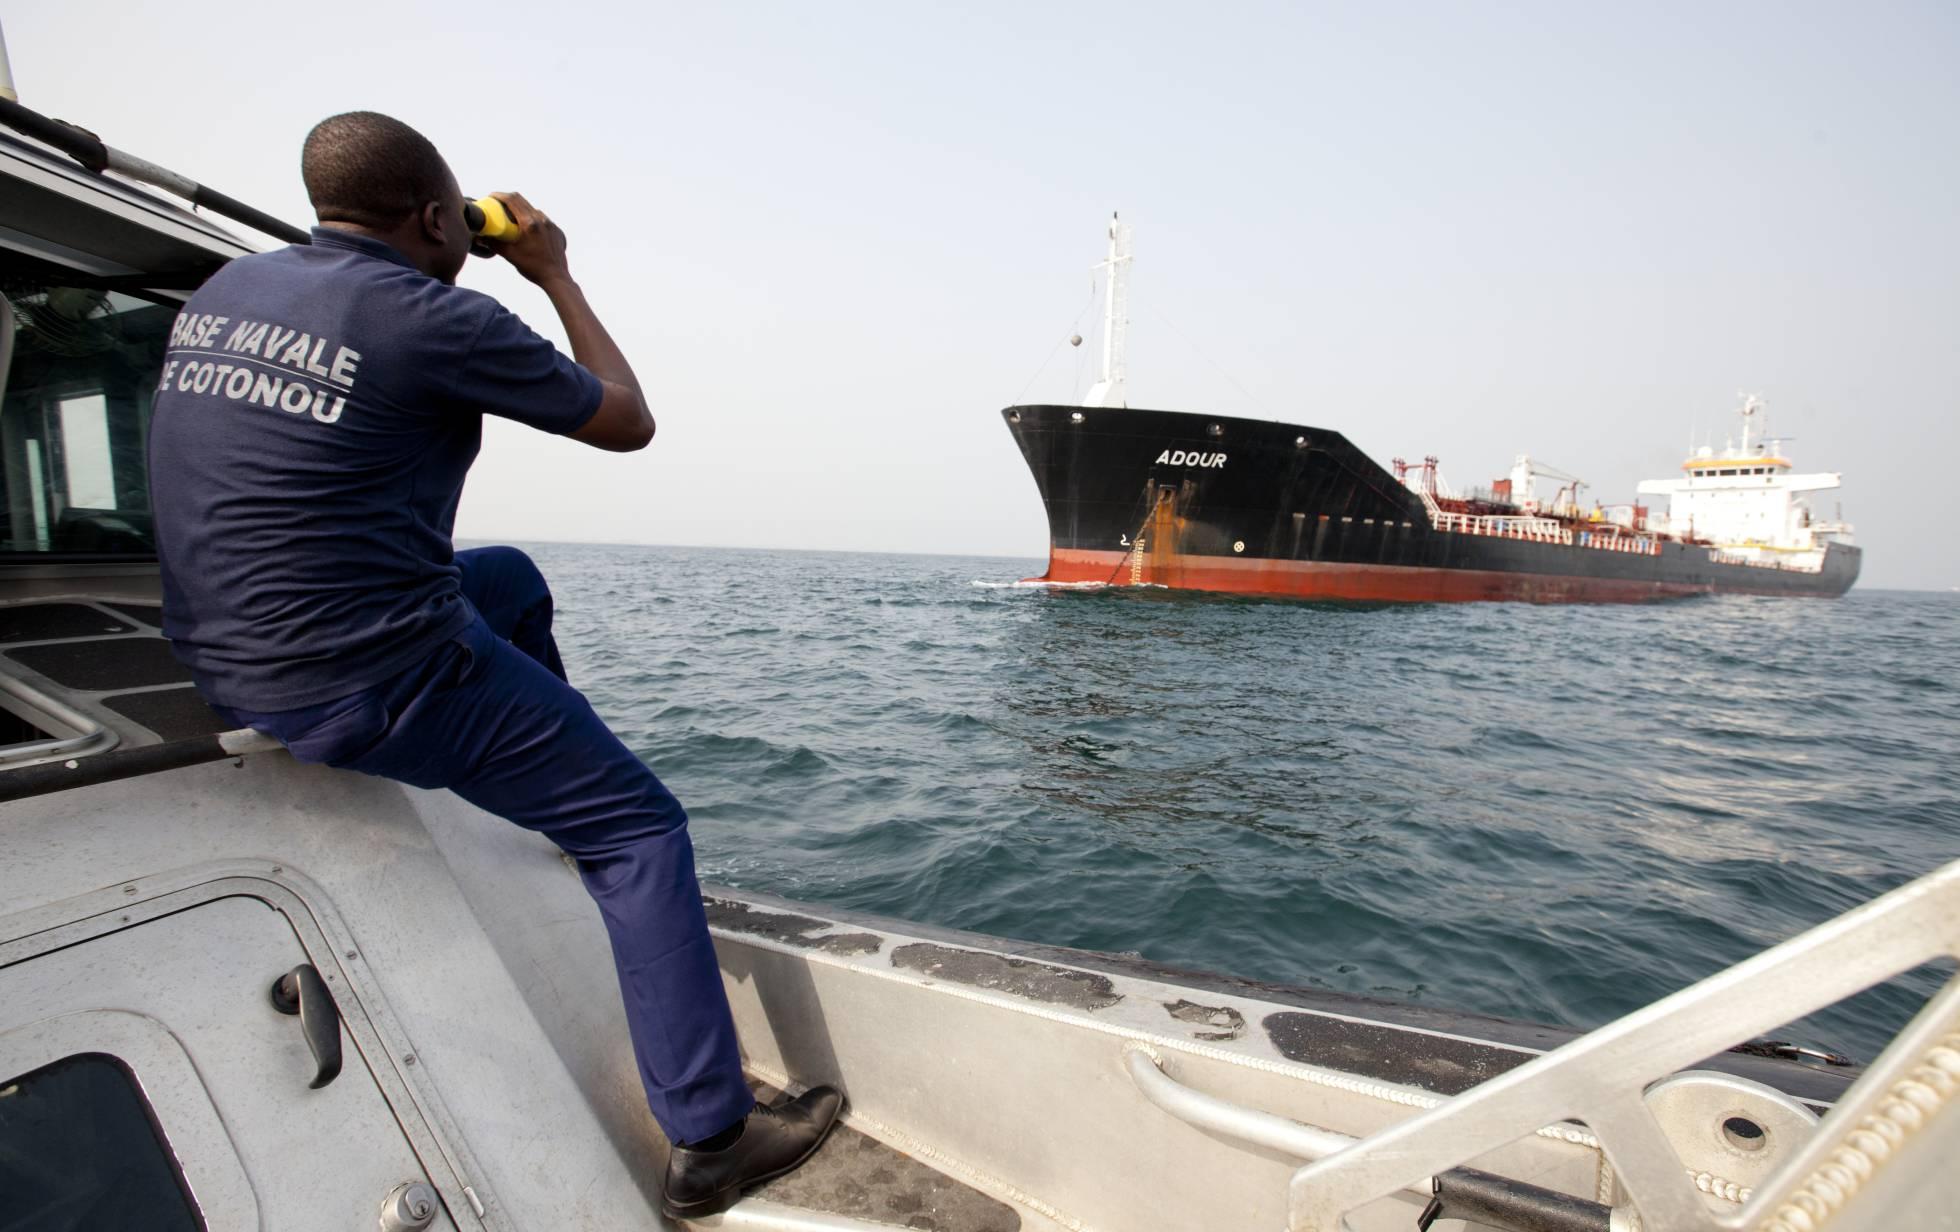 Un ataque de piratas al sur del Caribe acaba con tres muertos y una docena de desaparecidos